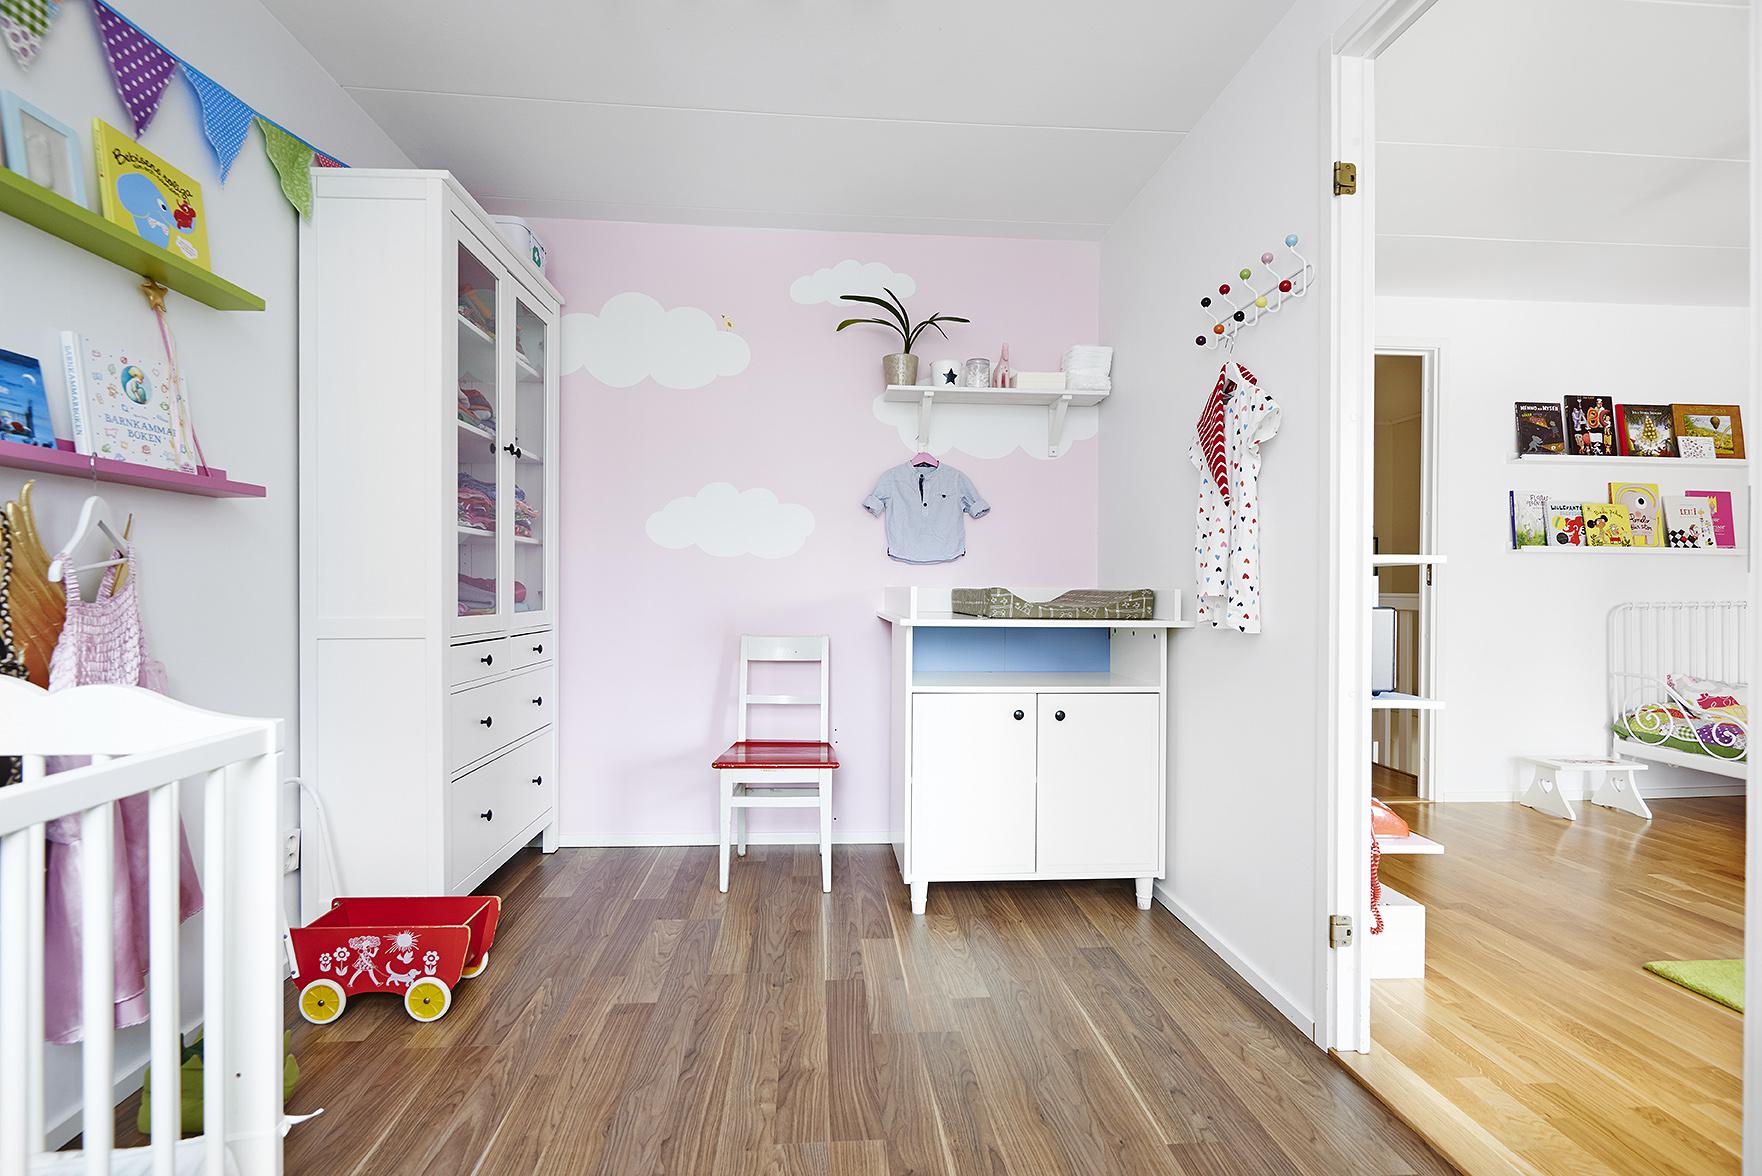 Habitaciones y espacios infantiles n rdicos blog tienda decoraci n estilo n rdico delikatissen - Dormitorios infantiles decoracion ...